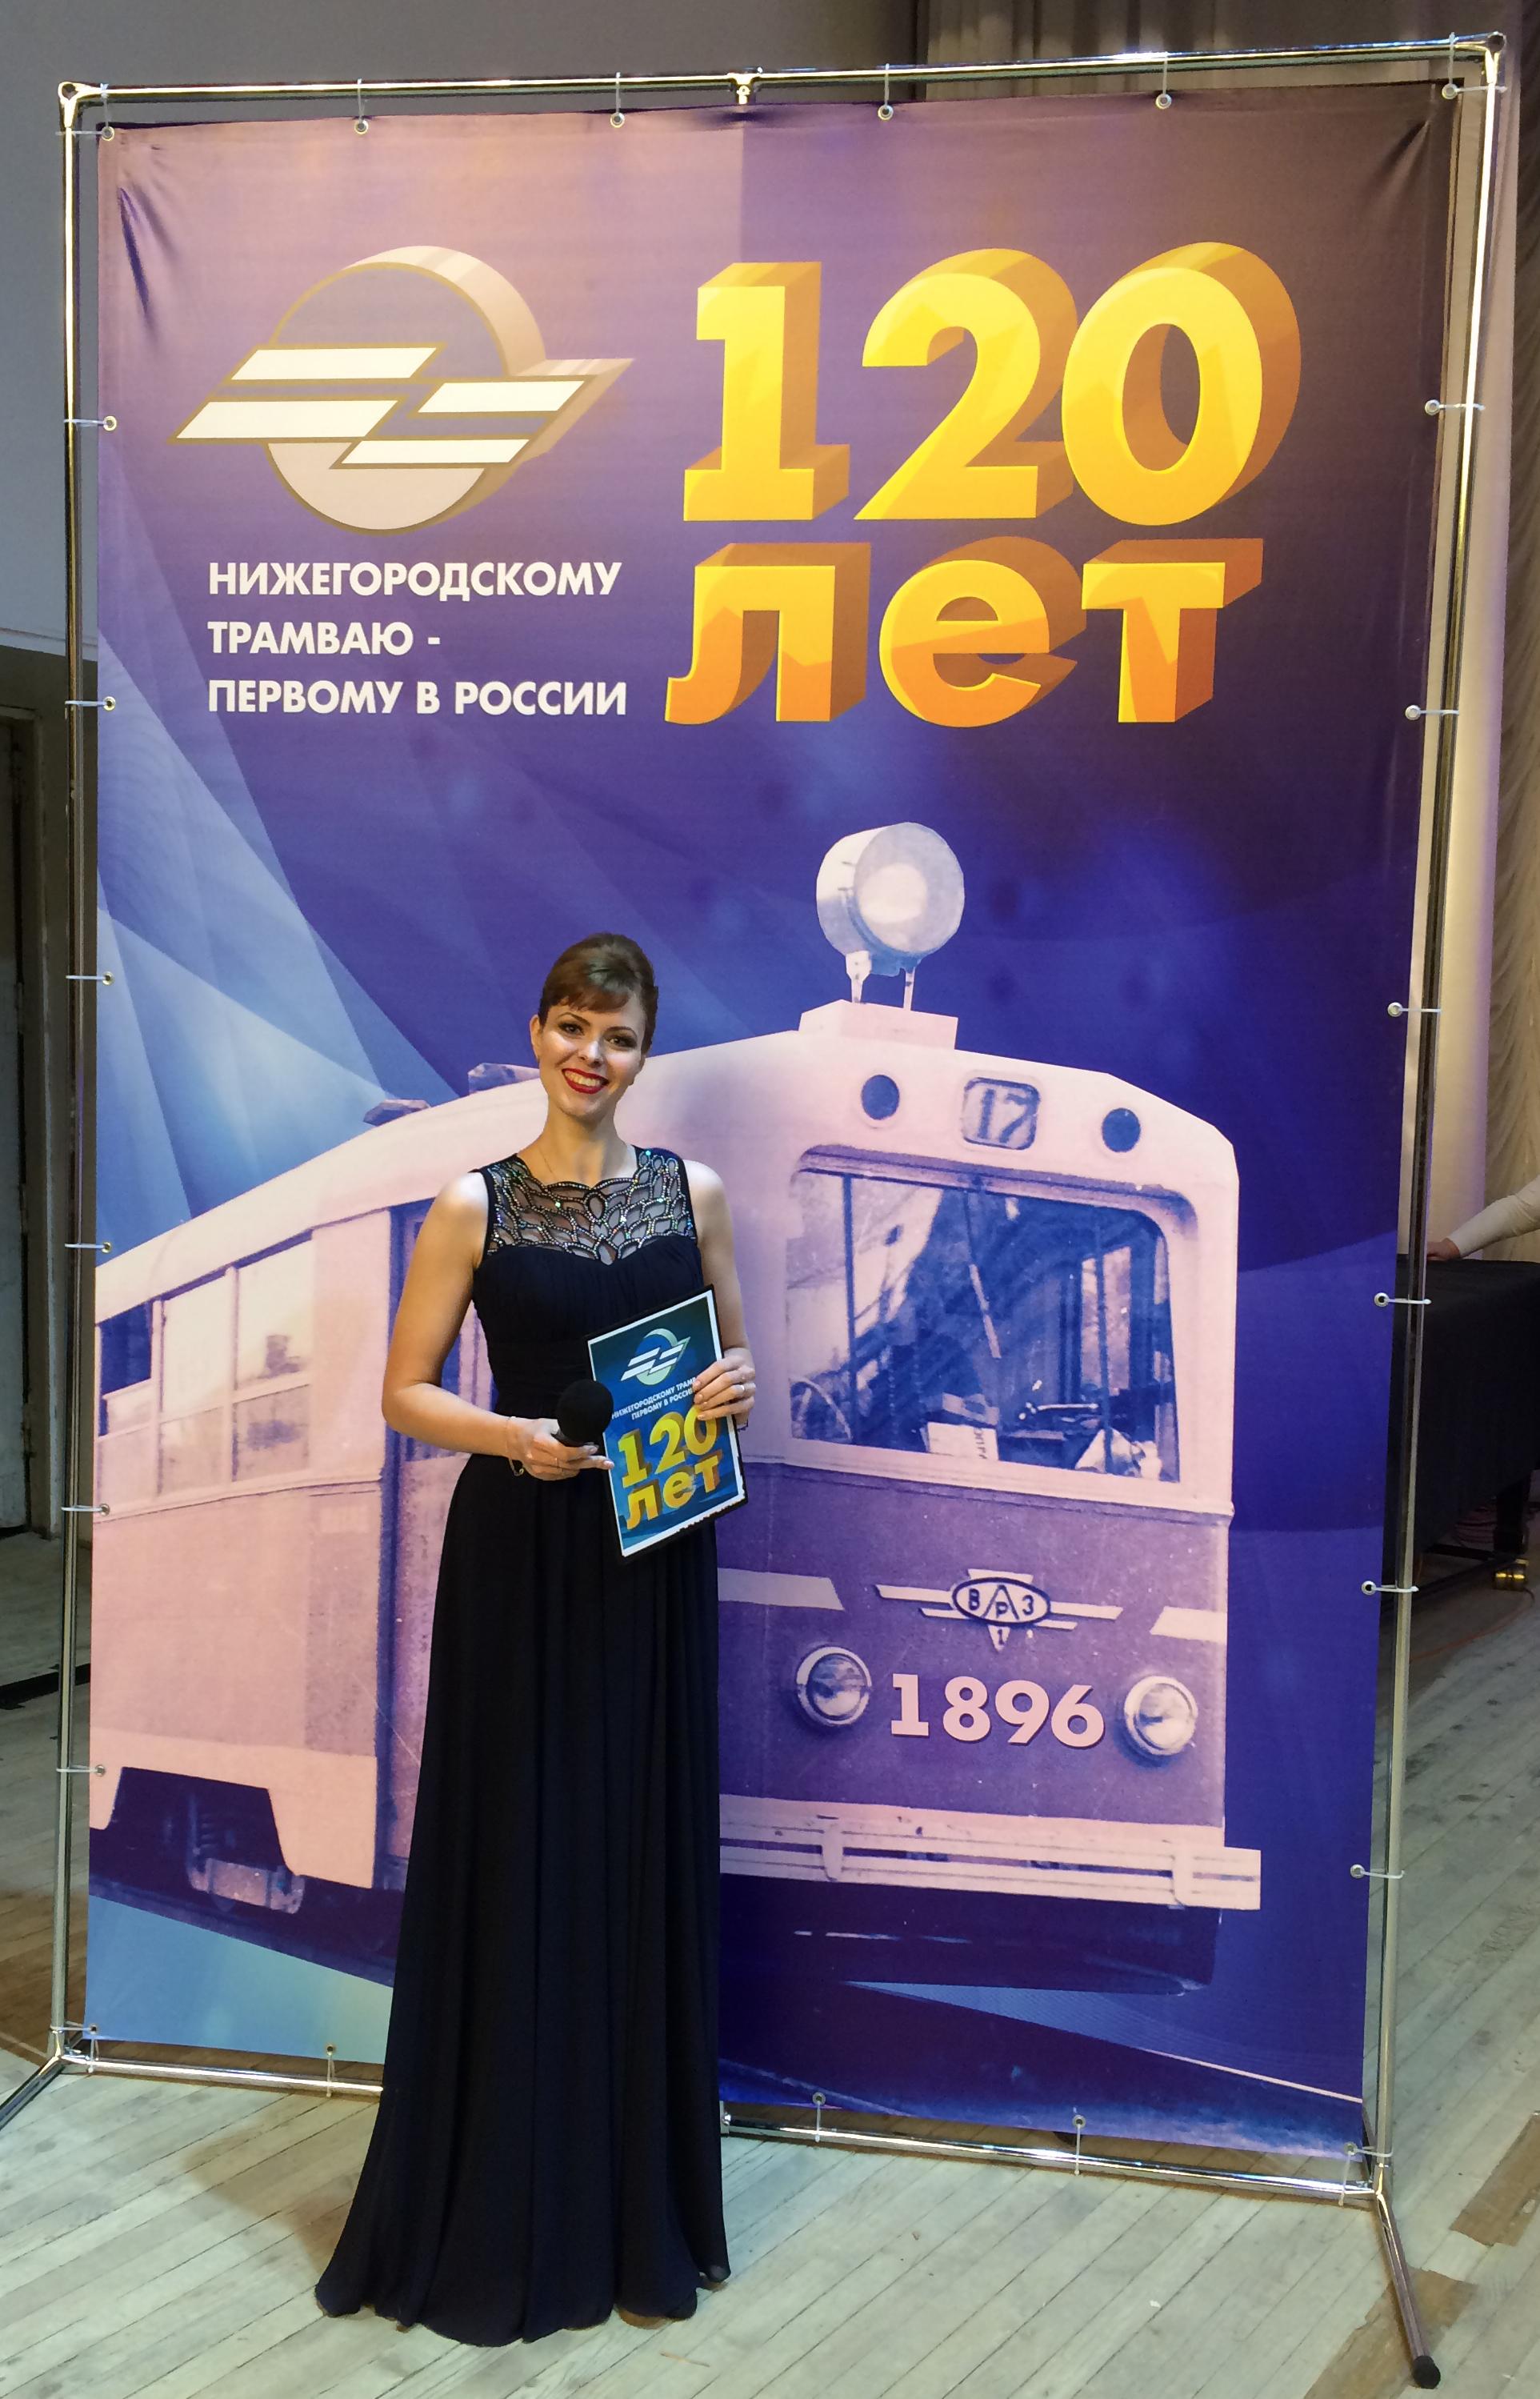 120 лет Нижегородскому трамваю